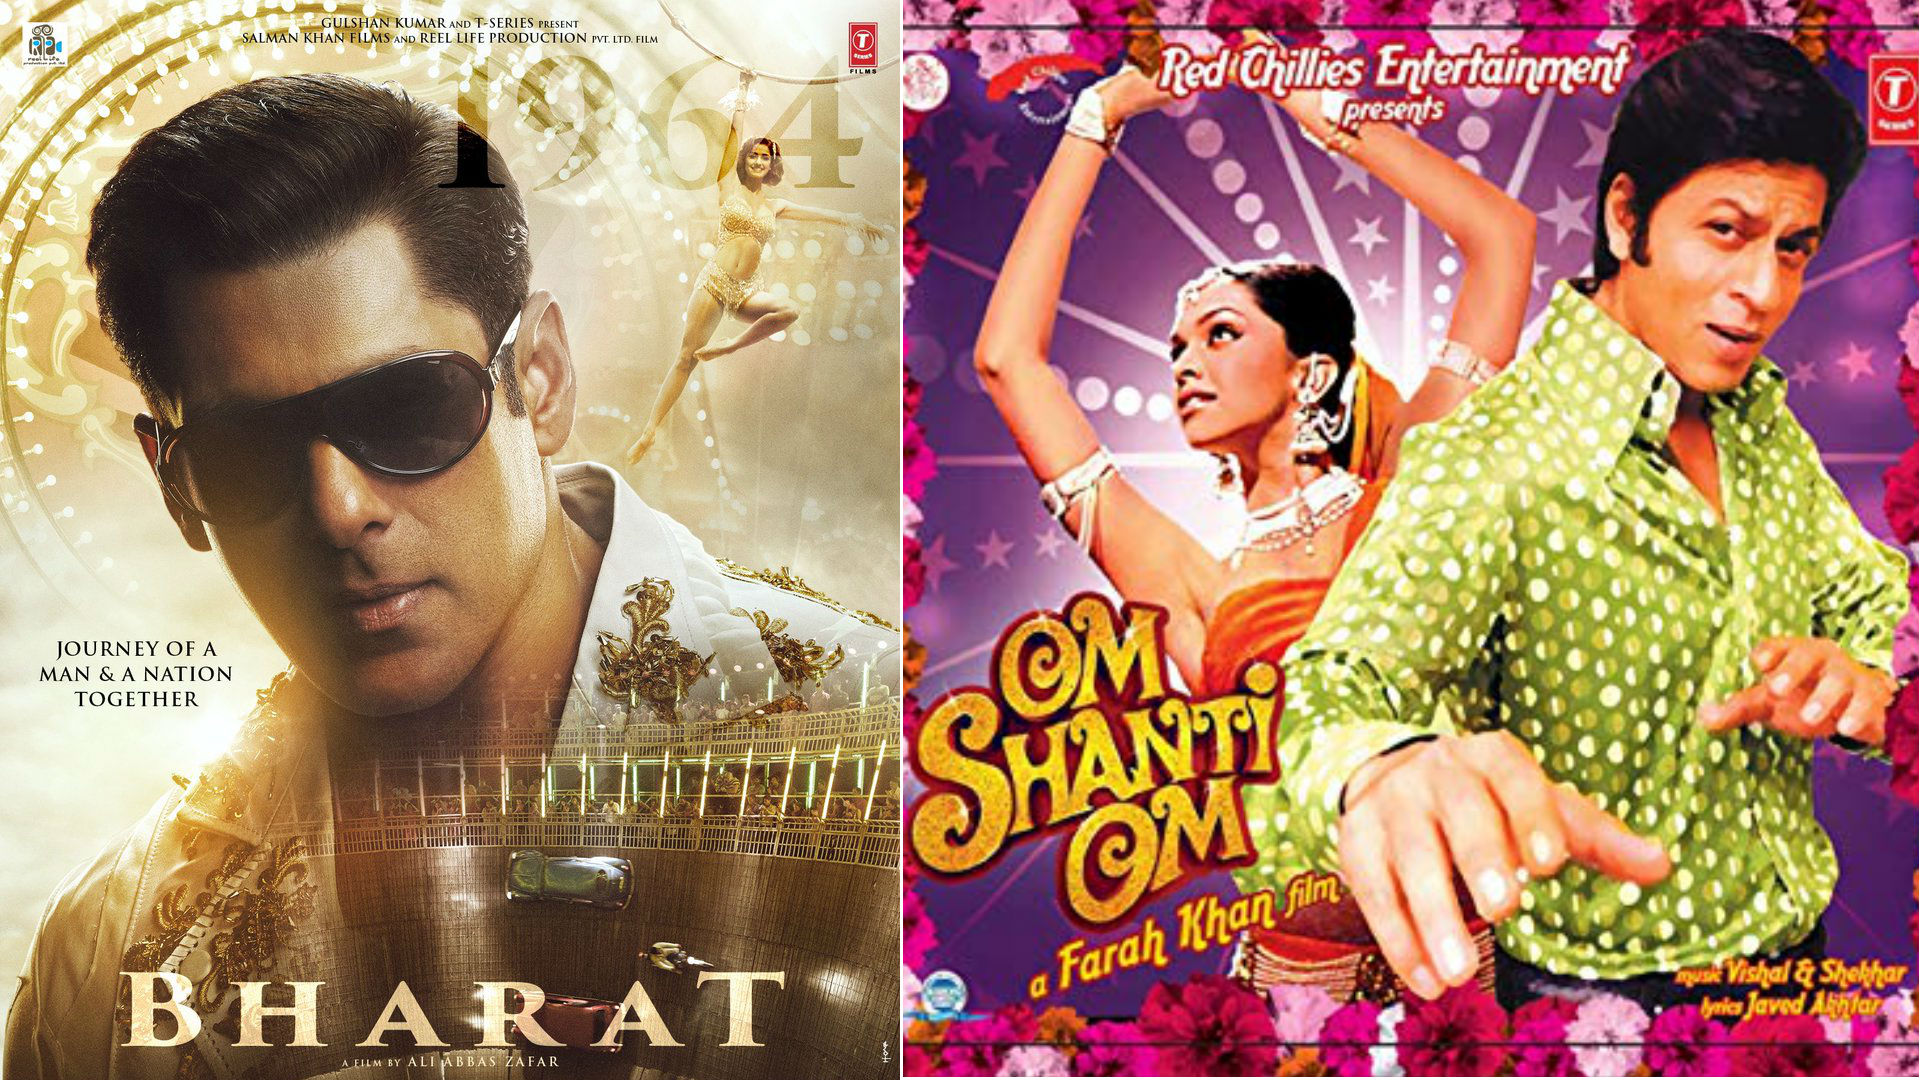 फिल्म भारत के सलमान से लेकर ओम शांति ओम के शाहरुख खान तक, जब रेट्रो लुक में दिखे बॉलीवुड के ये हीरो